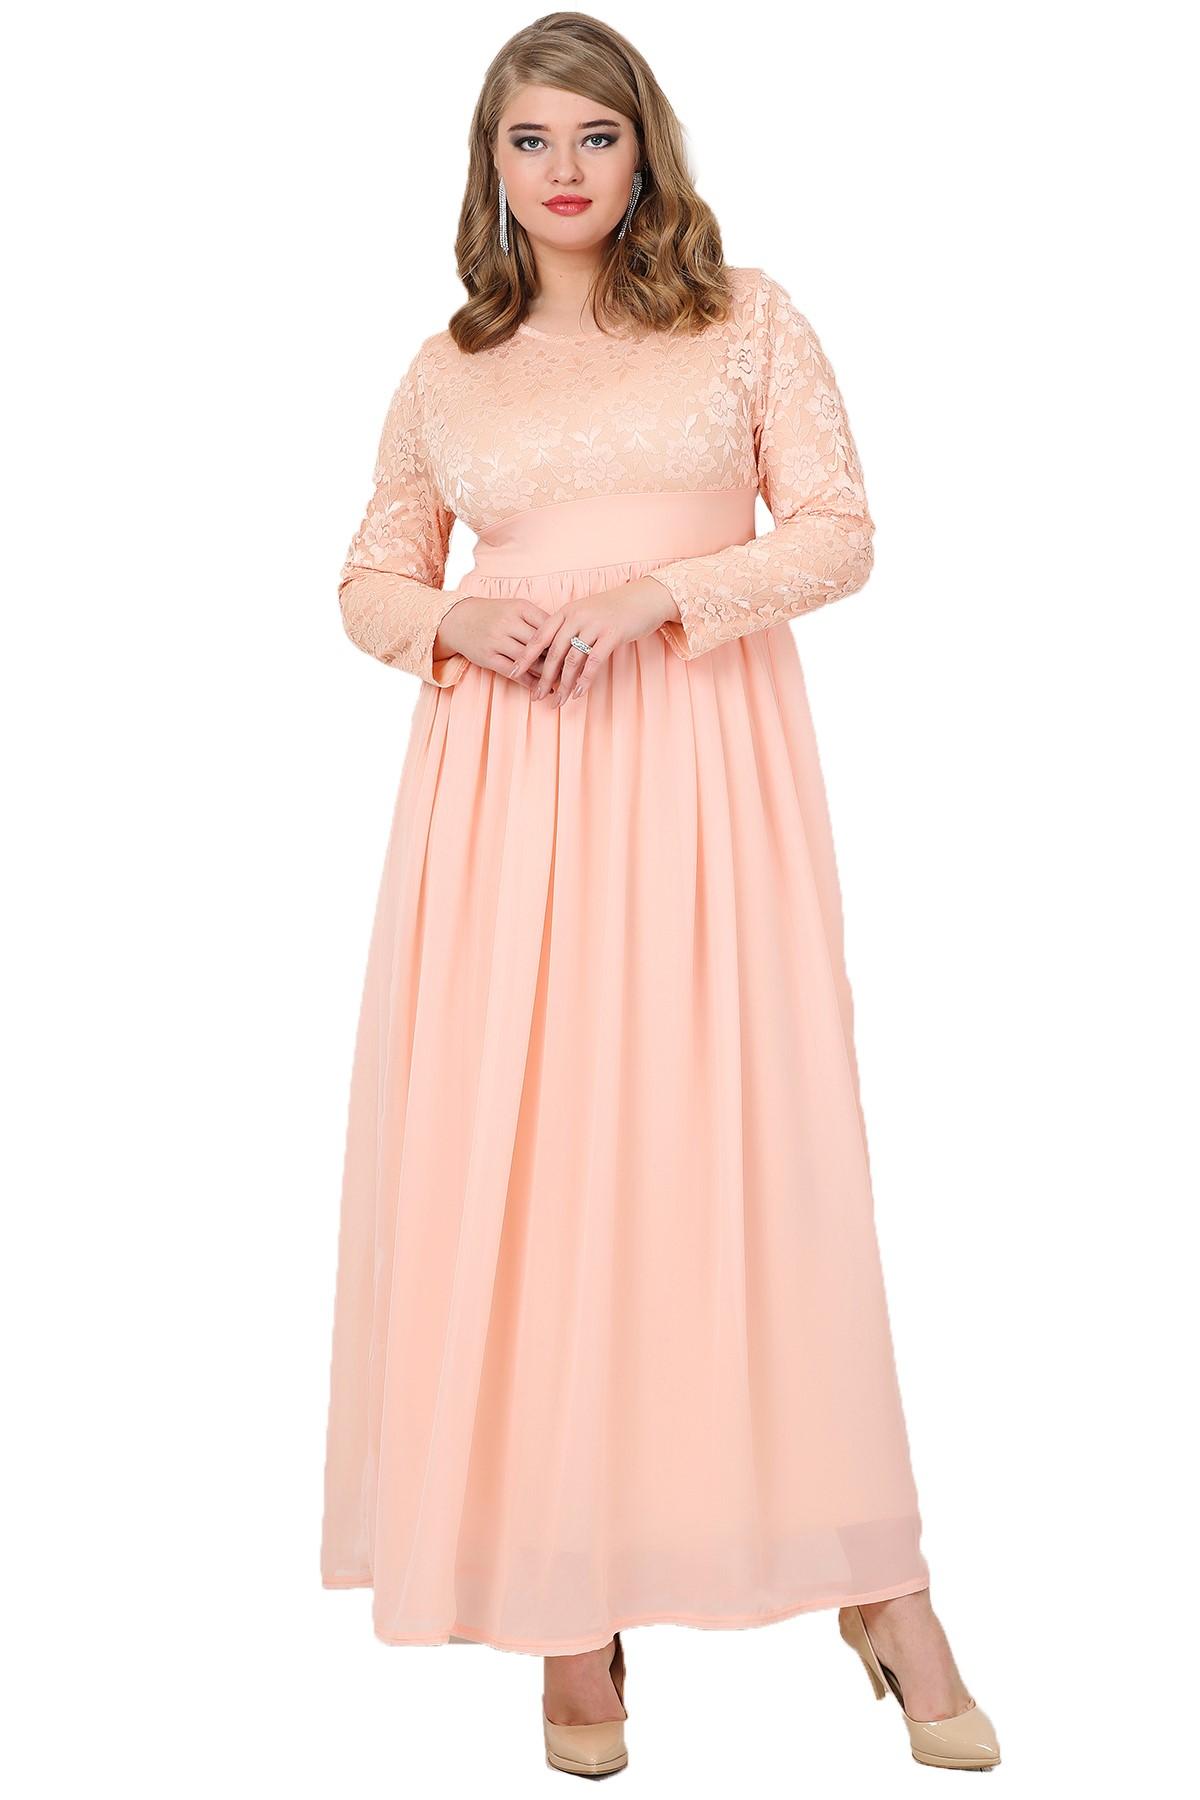 1577630f422ef Büyük Beden Tesettür Şifon Likralı Uzun Abiye Elbise KL4009T - OLASTORM